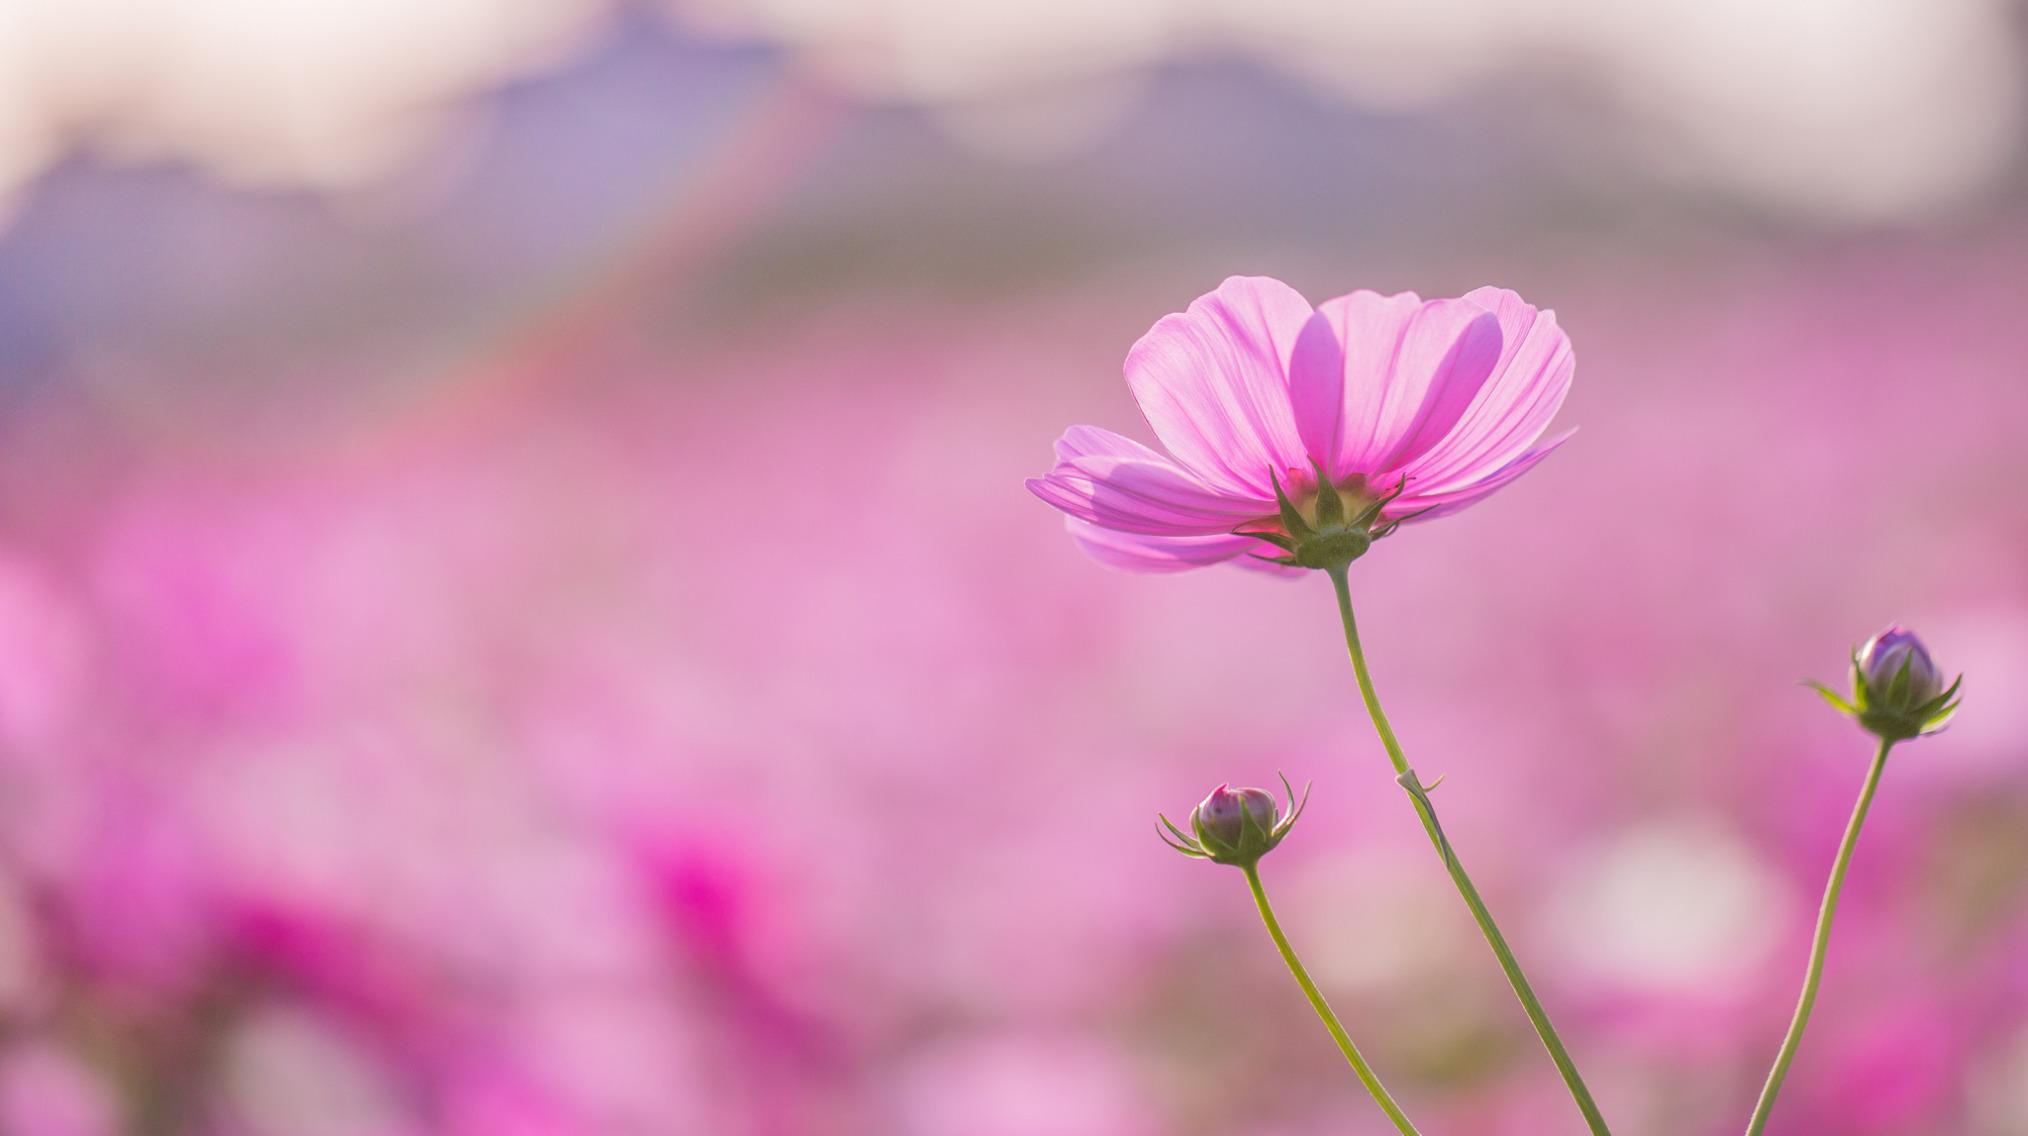 цветы макро розовые  № 1347081 бесплатно